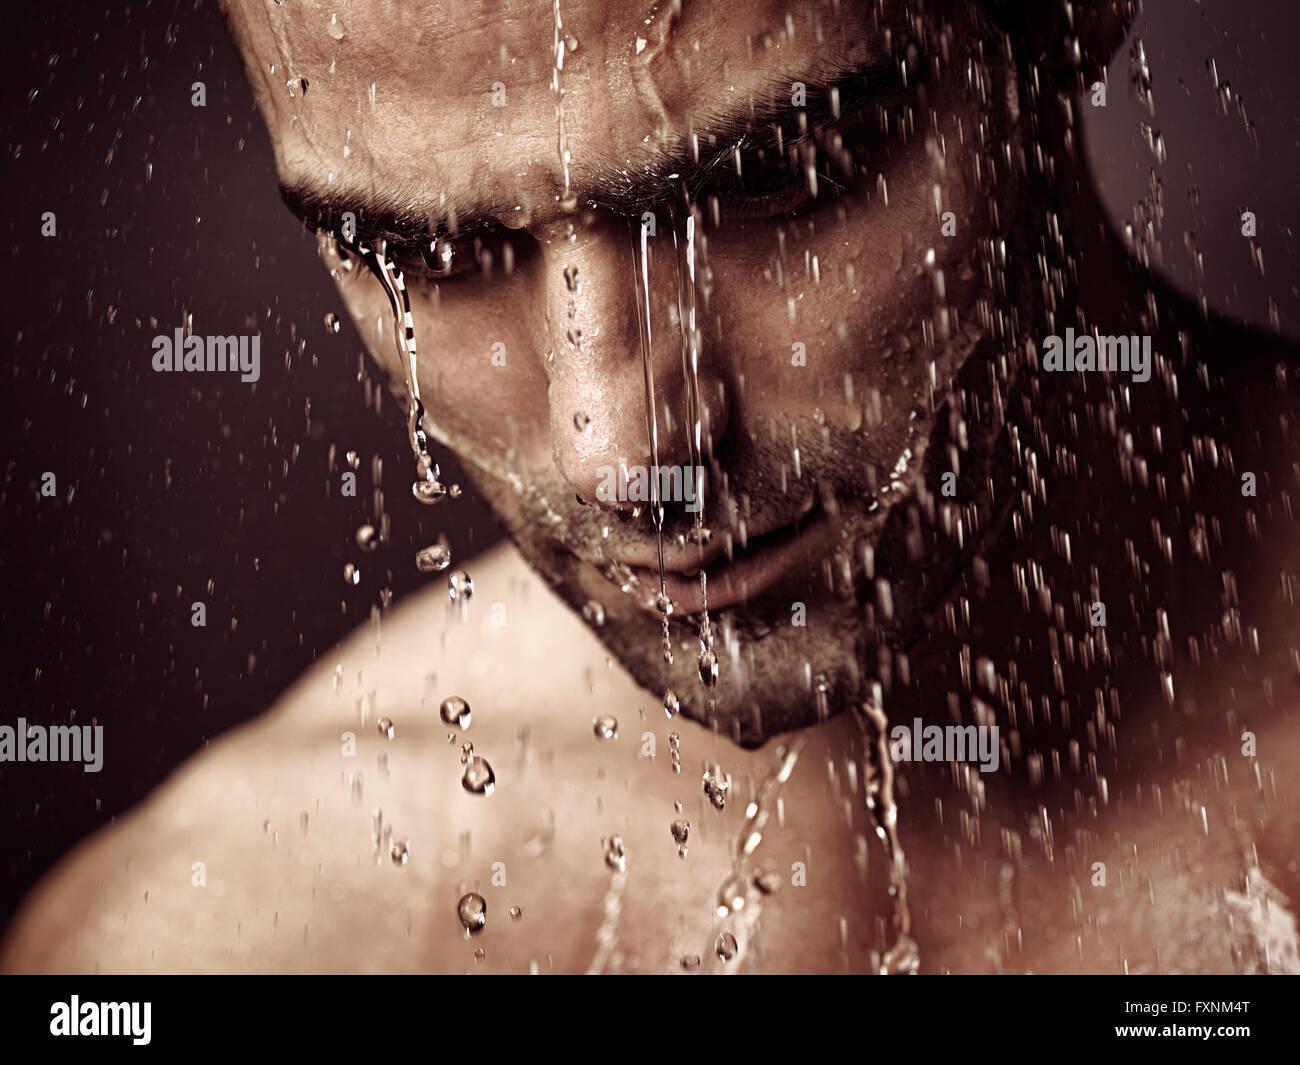 Nachdenklich gestörten Mannes Gesicht unter Dusche Stockbild